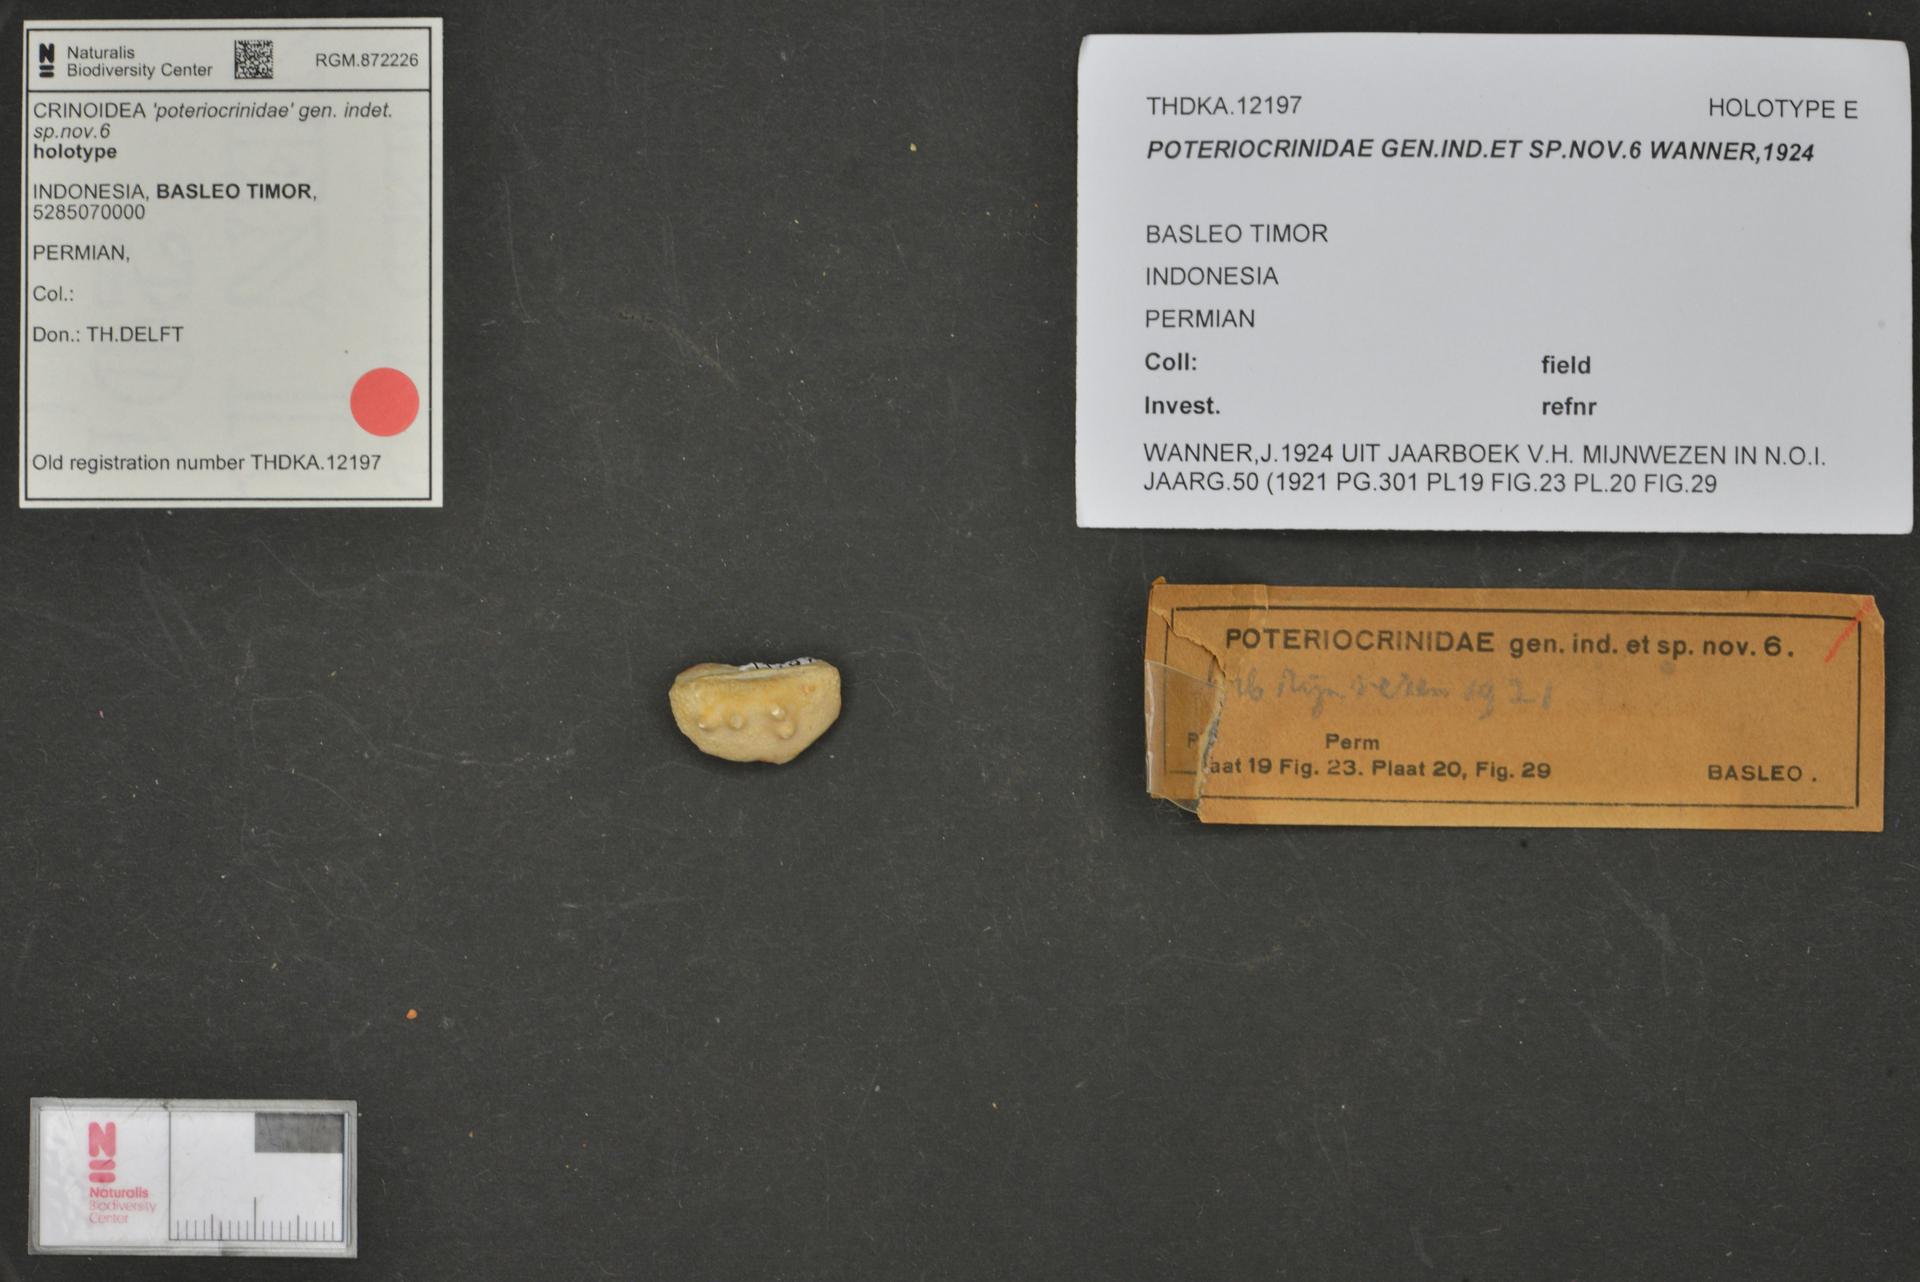 RGM.872226 | 'poteriocrinidae' gen. indet. sp.nov.6